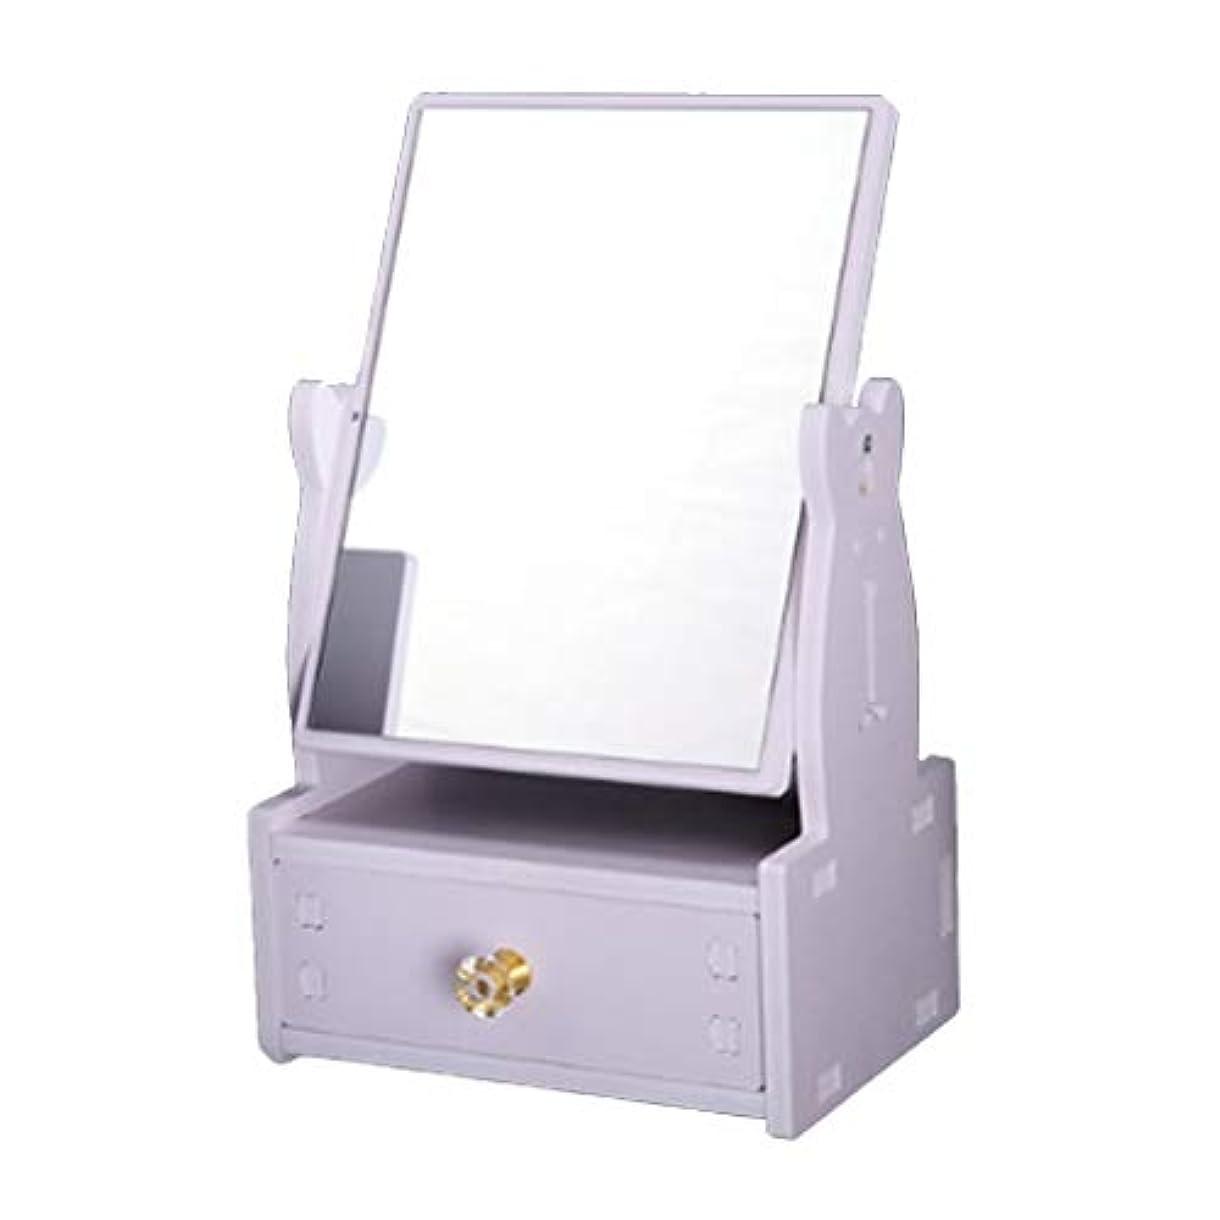 納屋赤面排他的360度回転式 卓上ミラー 卓上デスクトップ鏡 テーブルミラー 化粧鏡 引き出し付き 軽量 頑丈 全2選択 - 引き出し付き